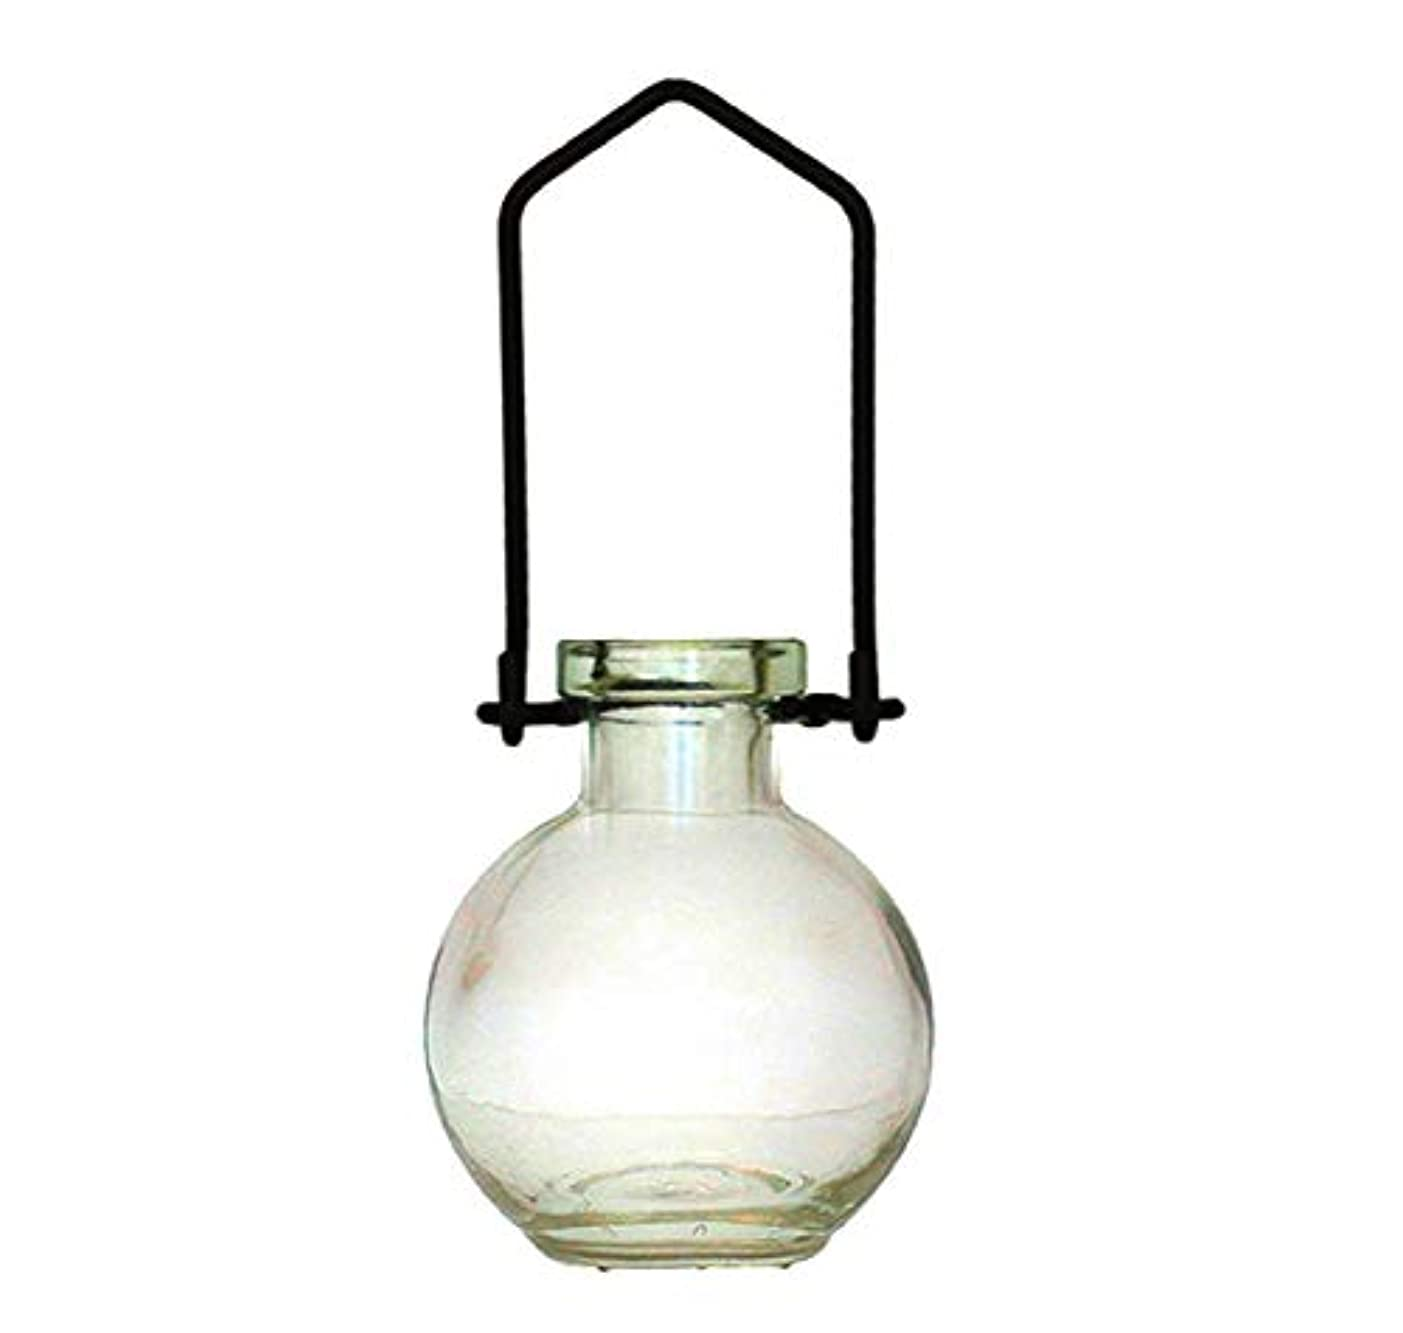 ペンフレンド明るい可聴装飾用吊り下げ花瓶 小型のガラスボトル 寮の飾り カラフルなお香立て 壁掛け装飾 ロマンチックな装飾 クリア G268VF